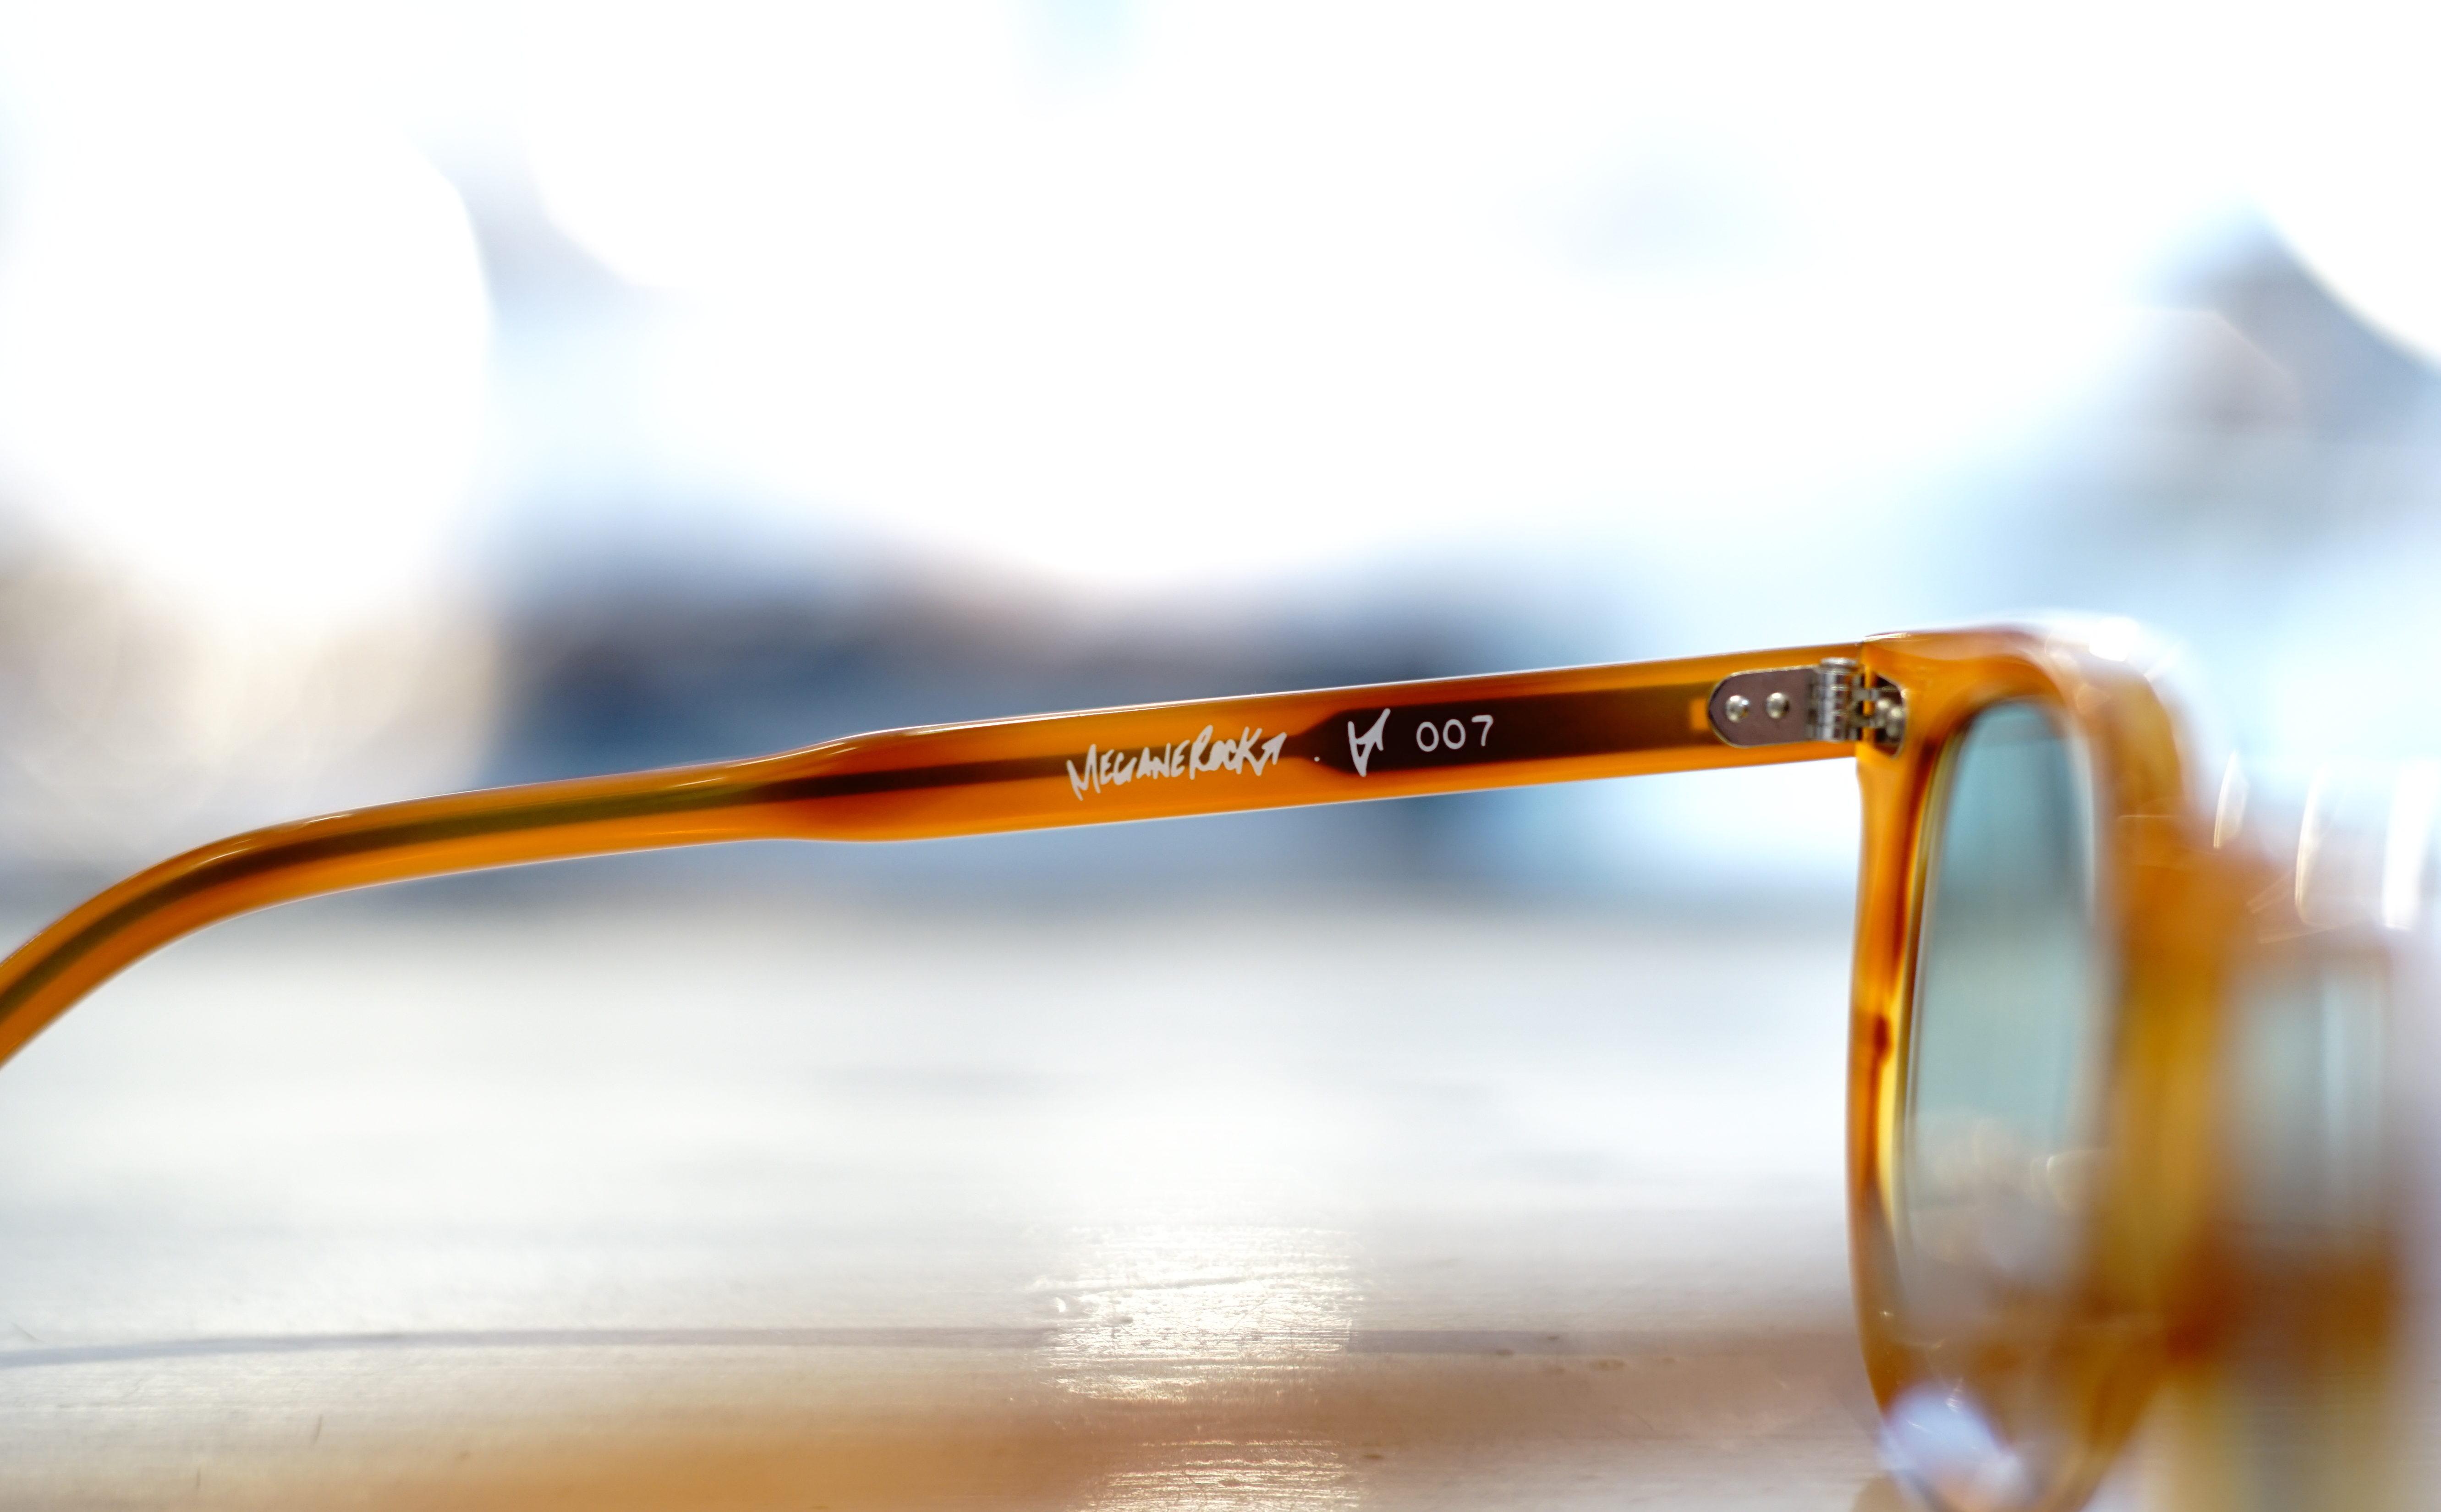 VECTOR-007 c.CARAMEL